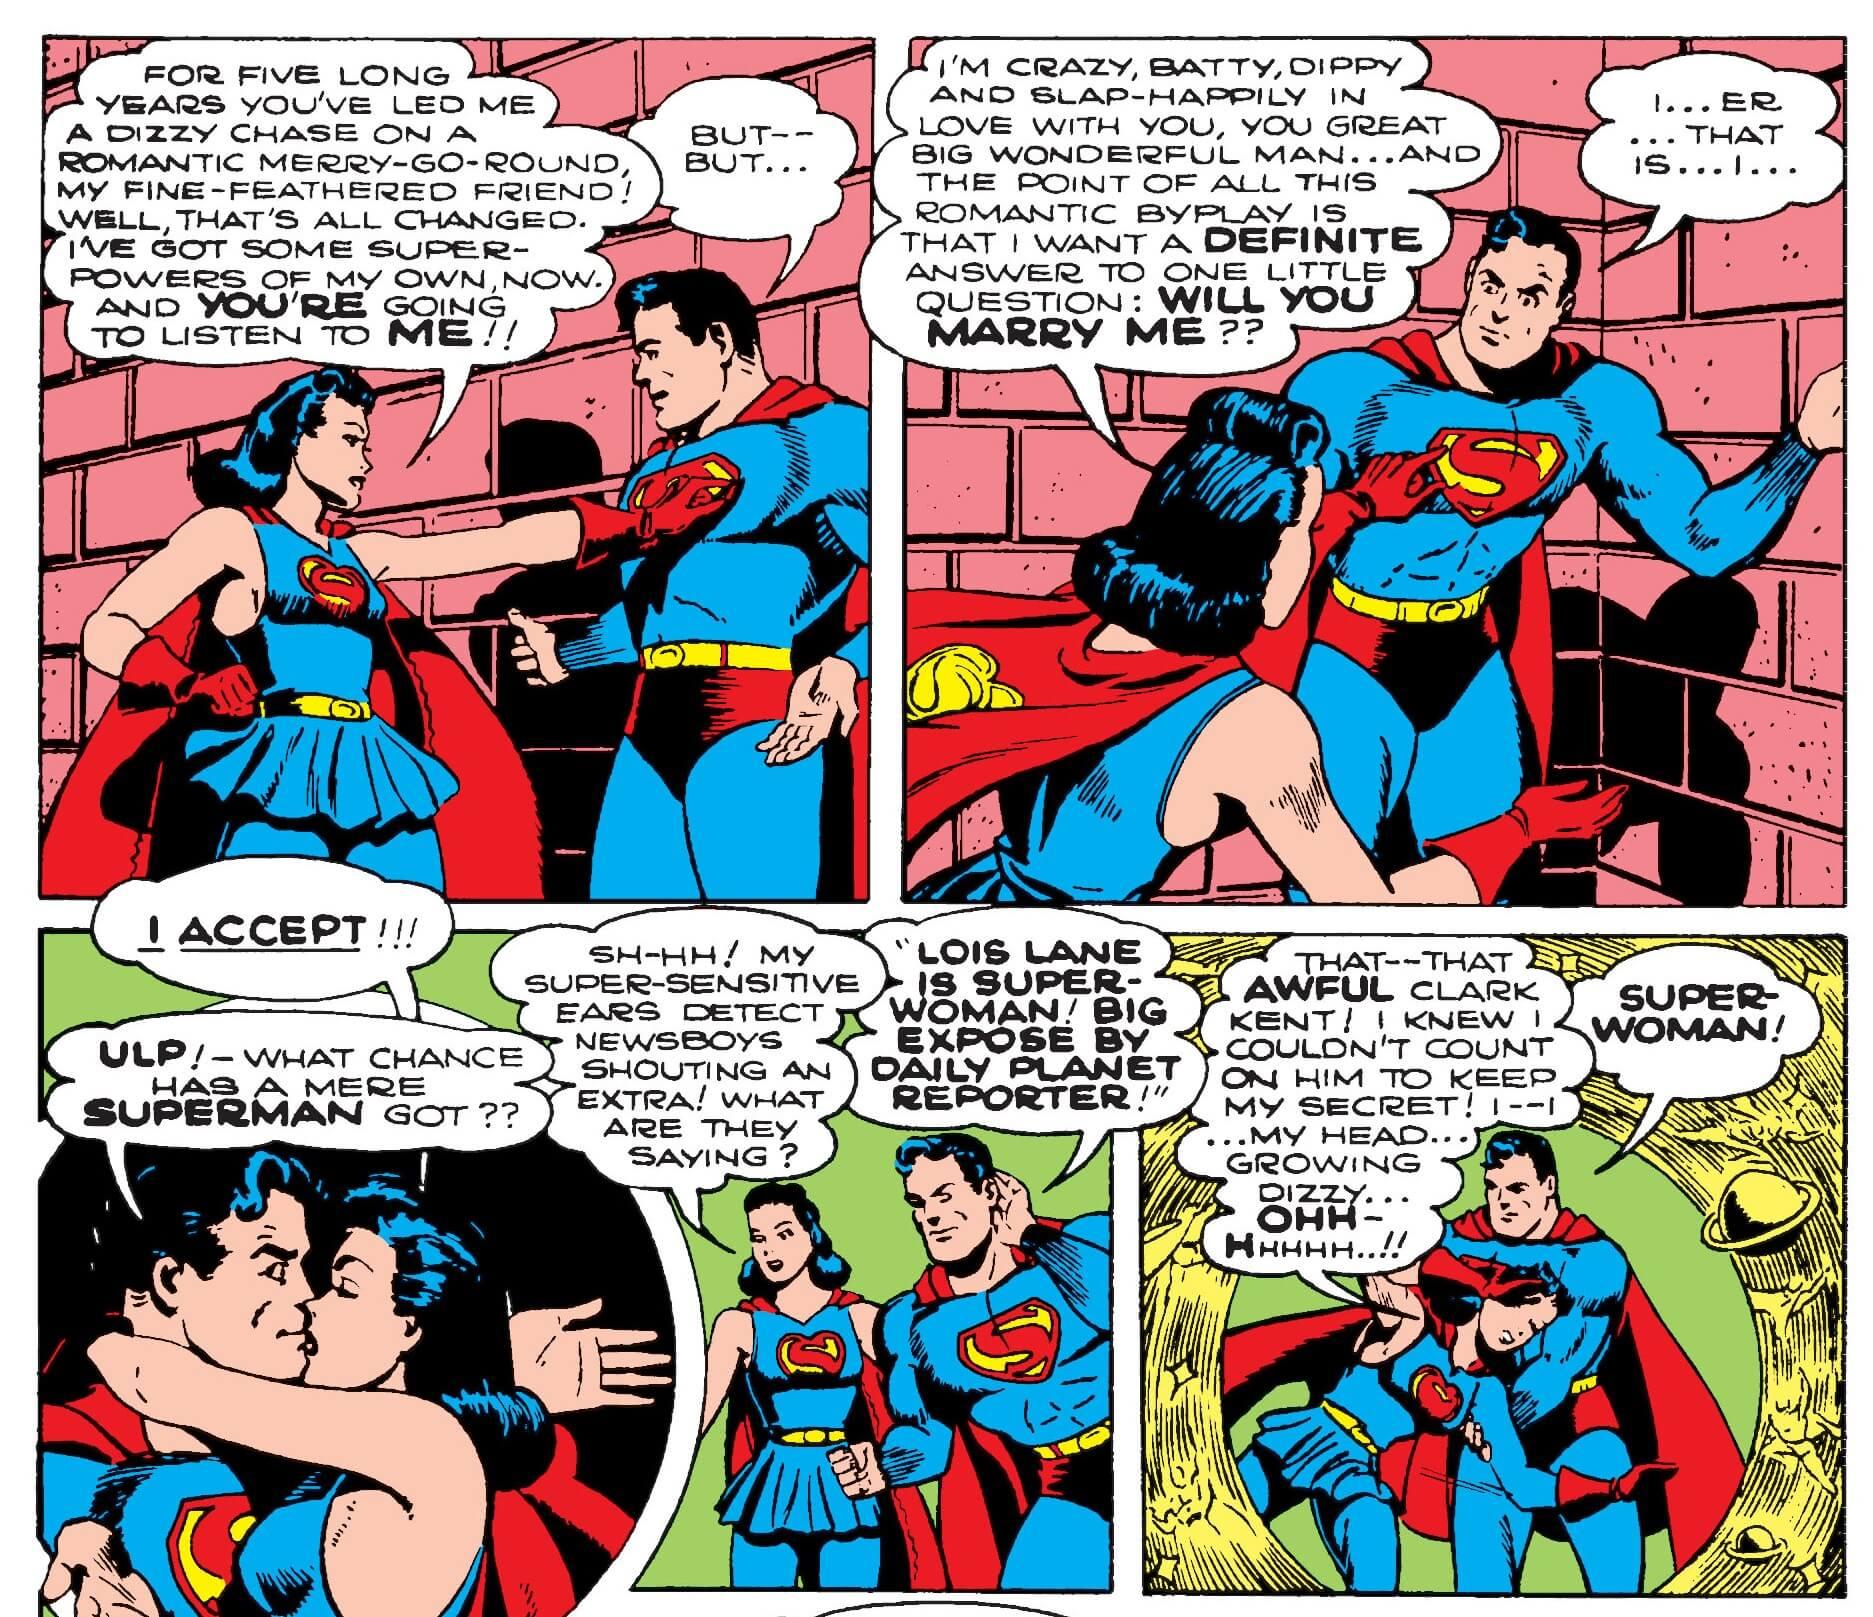 lois-lane-proposes-to-superman.jpg